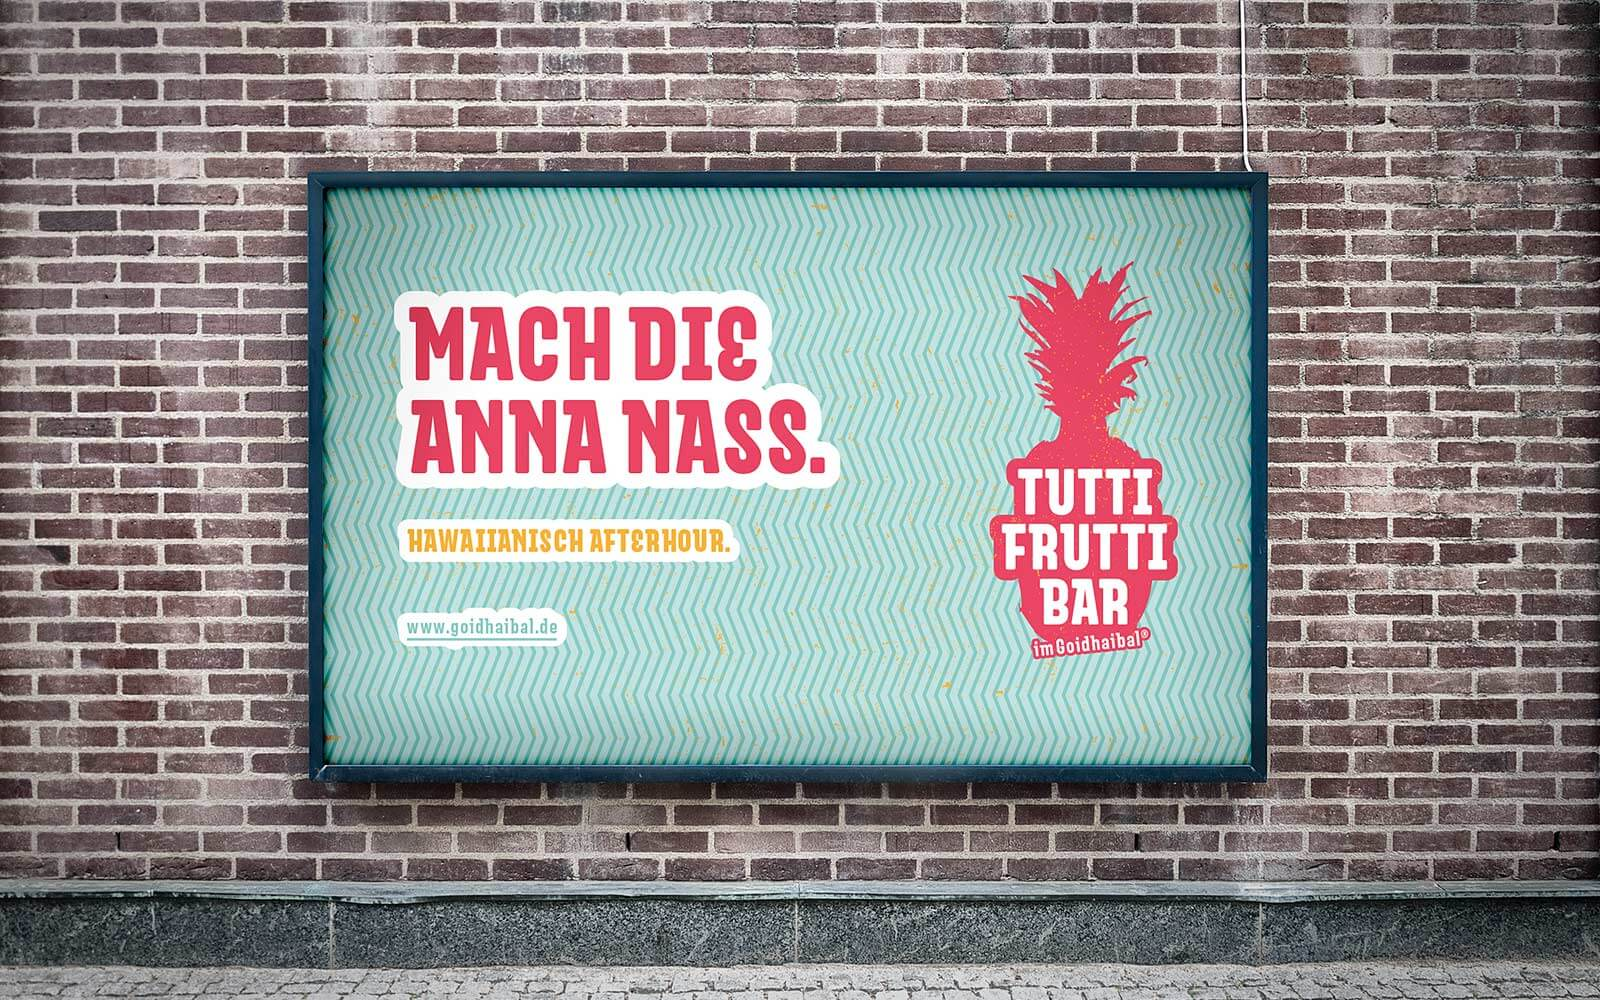 Goidhaibal® – Billboard für die Tutti Frutti Bar